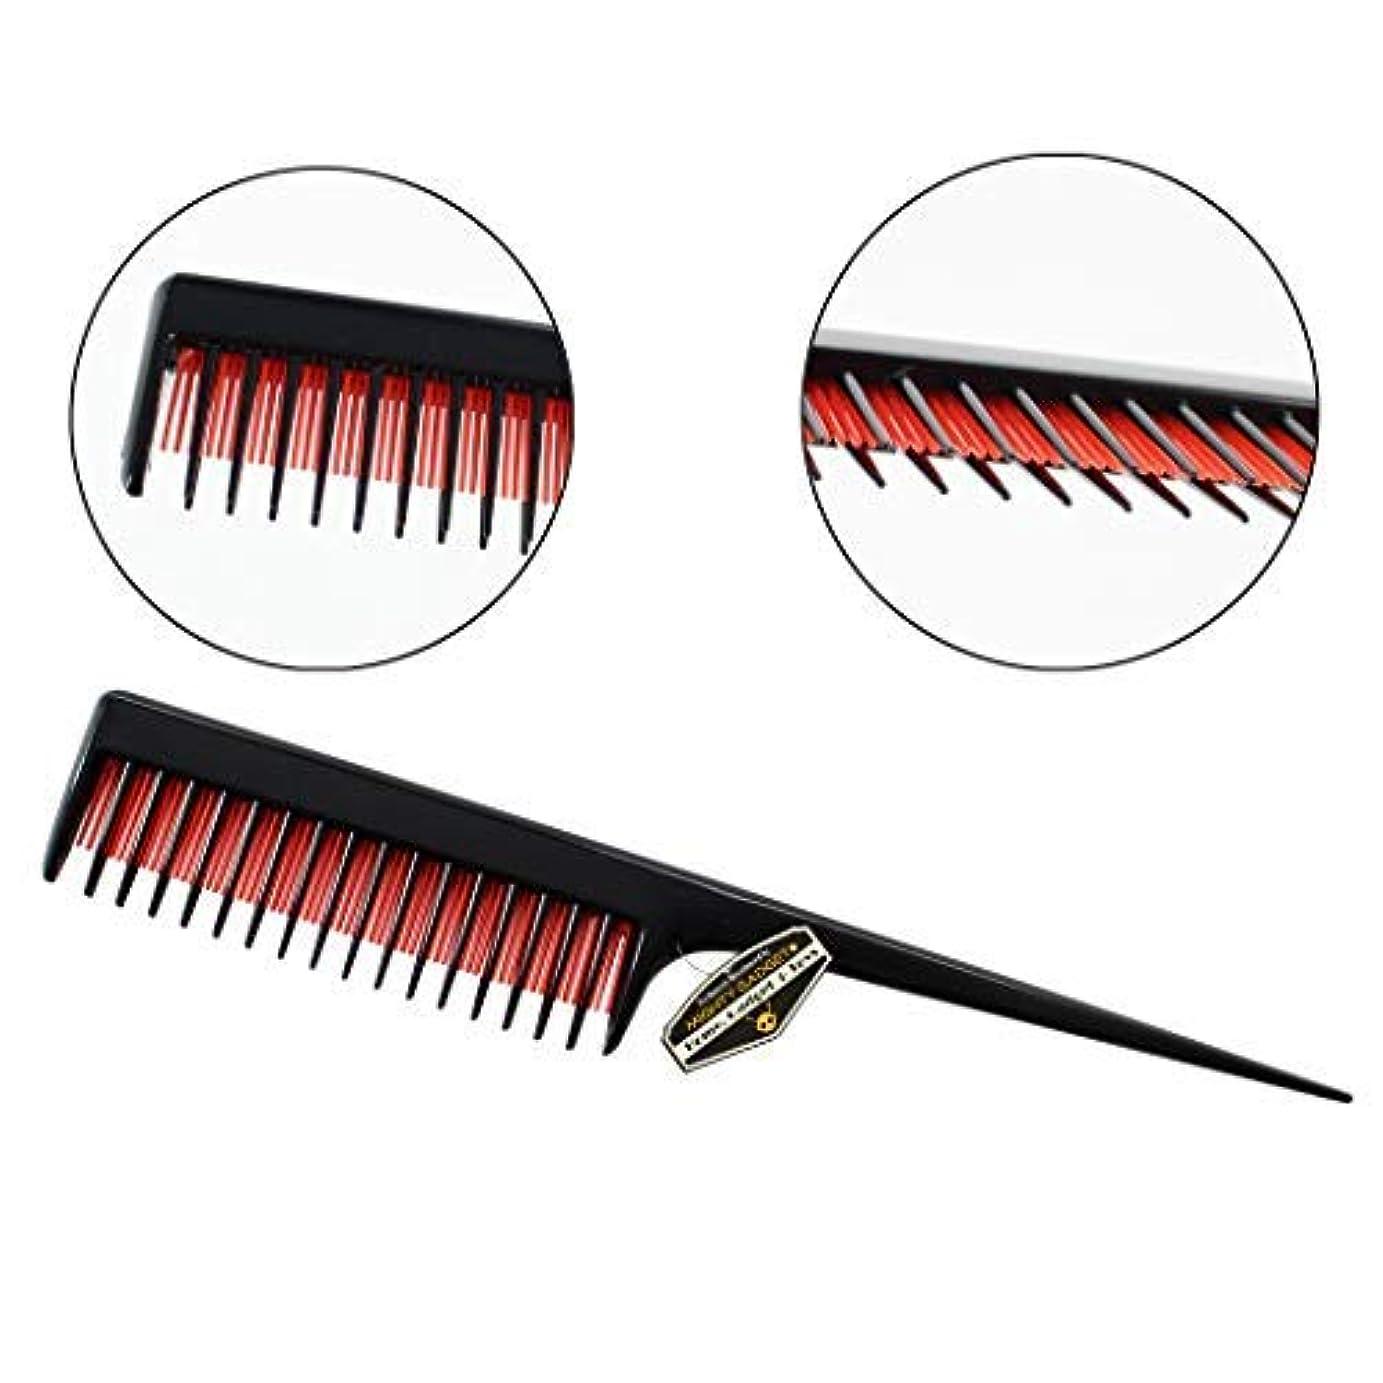 アンティーク方法論メンタル3 Pack of Mighty Gadget 8 inch Teasing Comb - Rat Tail Comb for Back Combing, Root Teasing, Adding Volume, Evening...